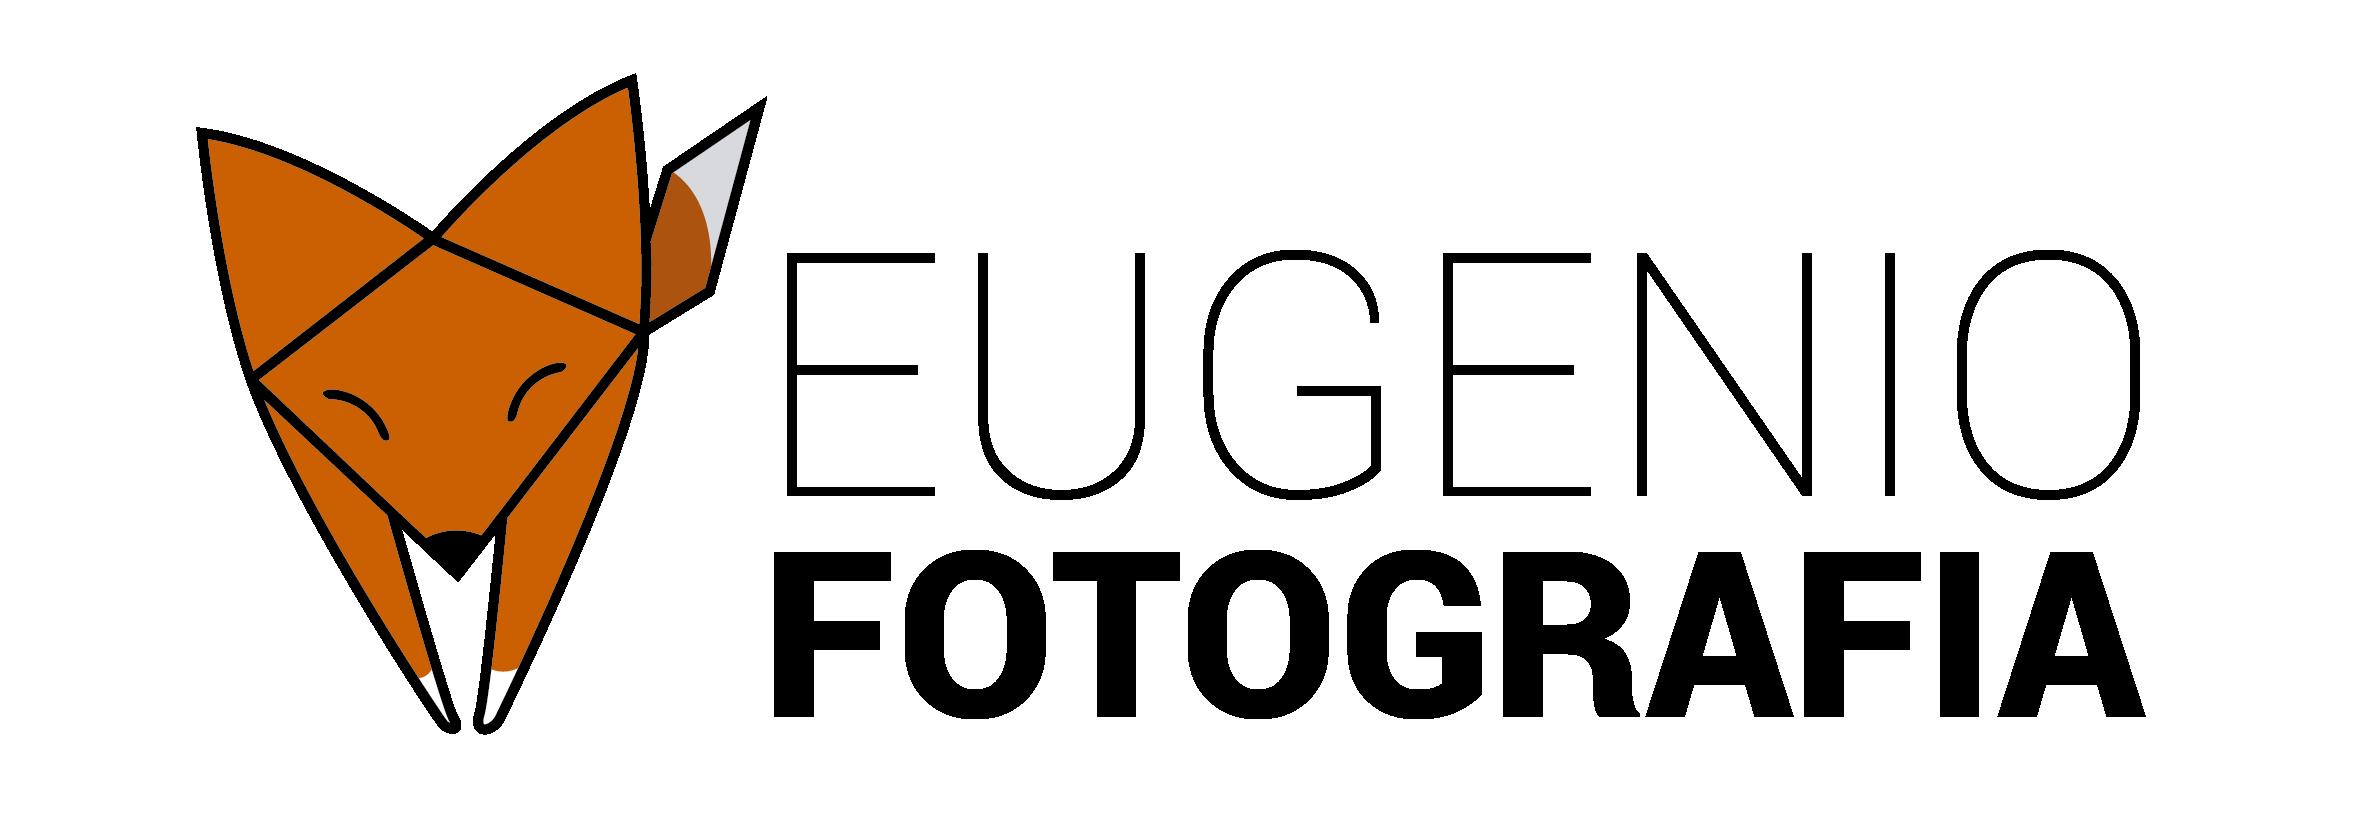 Logos final 1 01